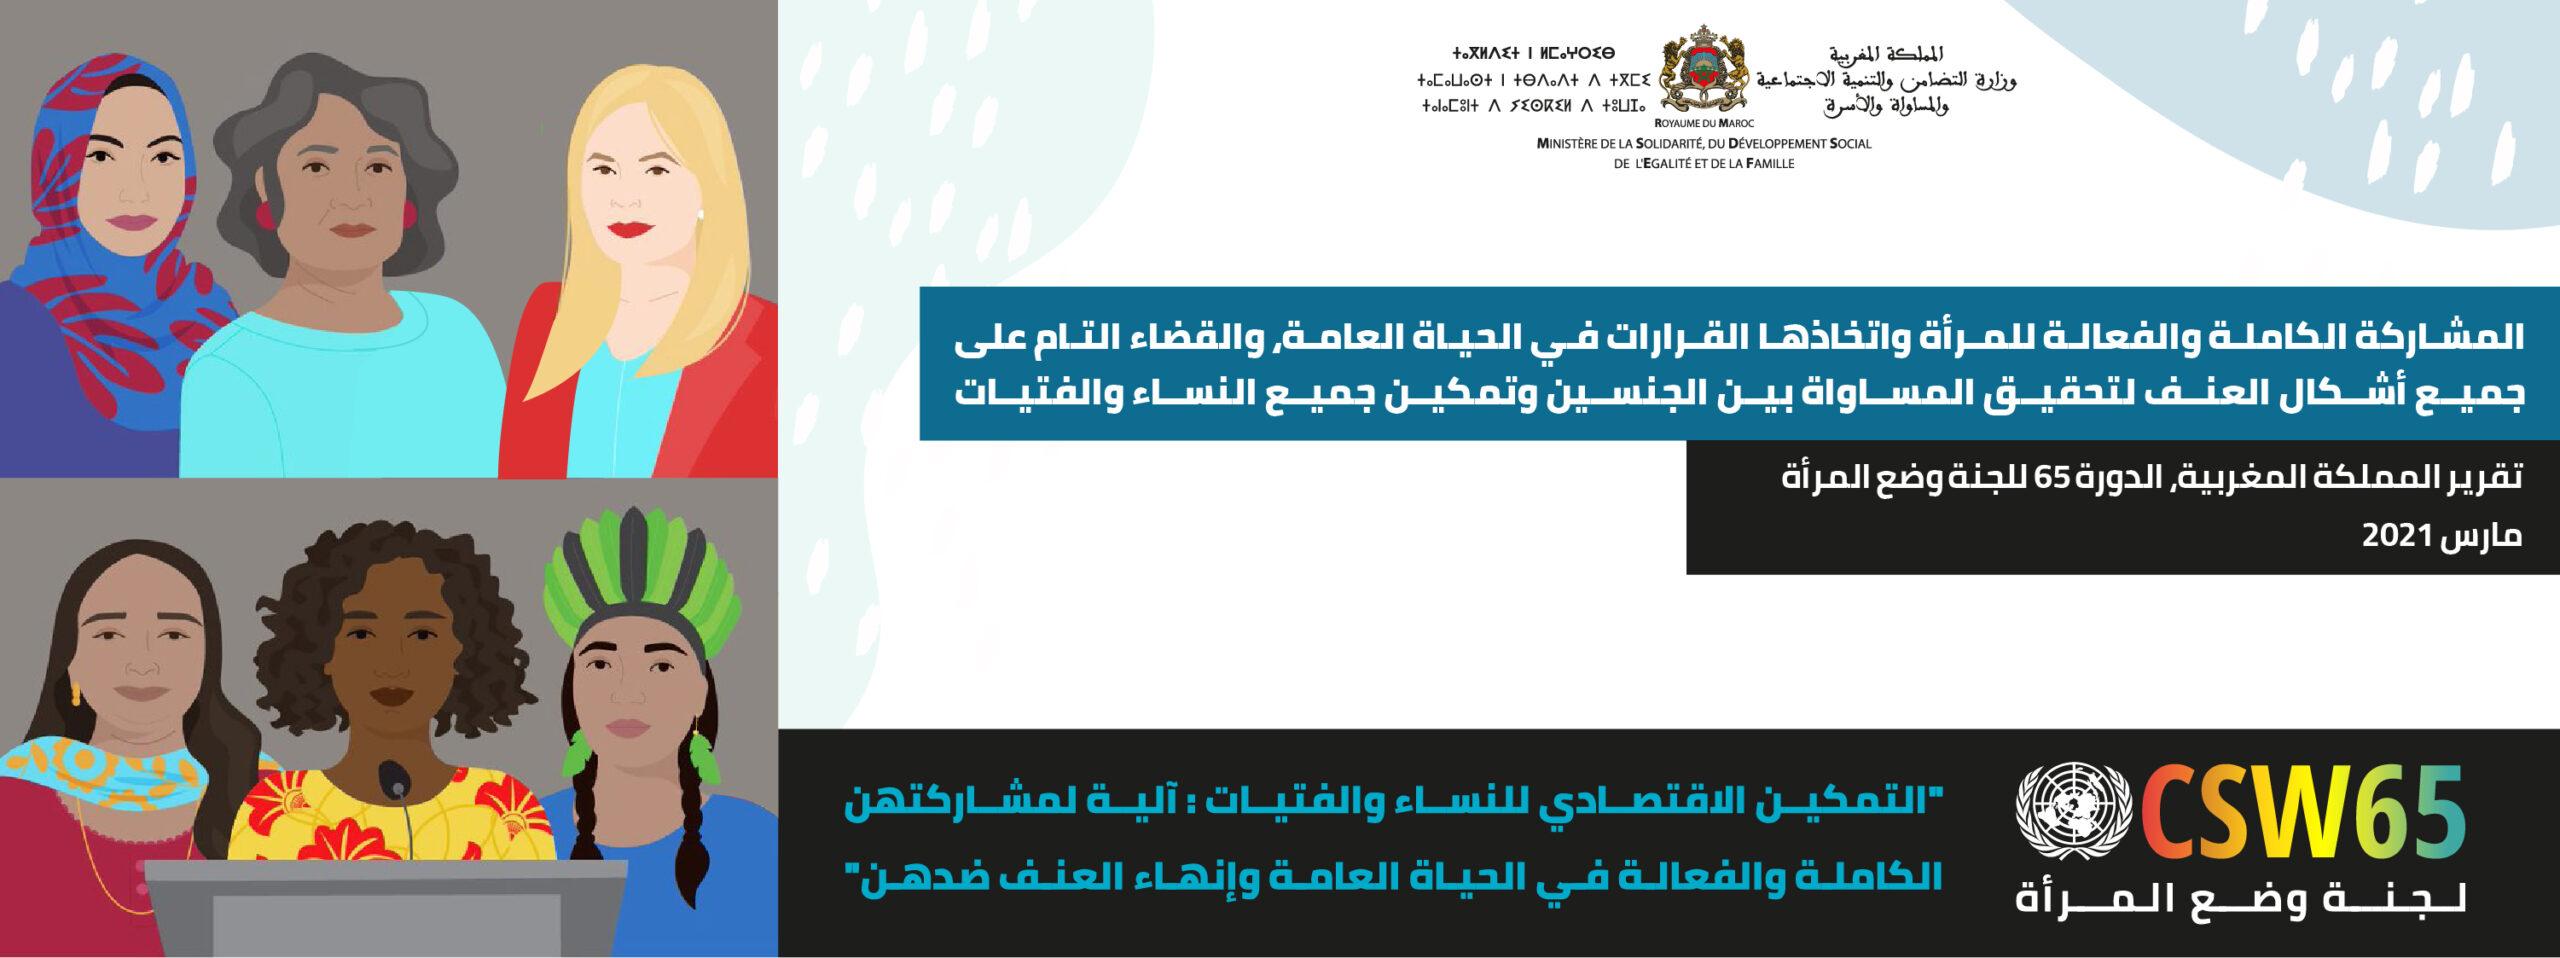 كلمة المملكة المغربية خلال الدورة الـ65 للجنة وضع المرأة بالأمم المتحدة